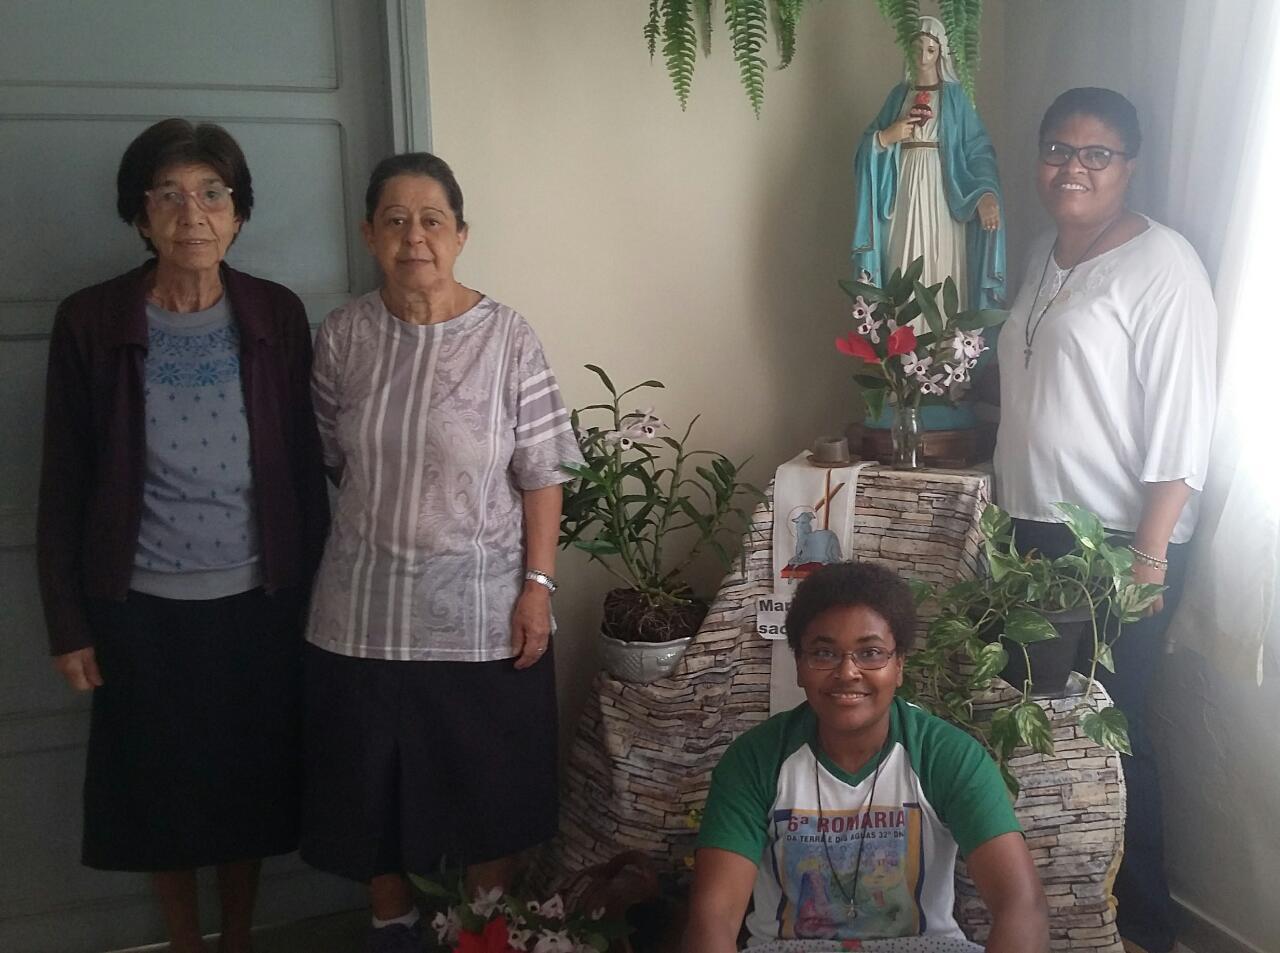 Fraternidade Imaculada Conceição